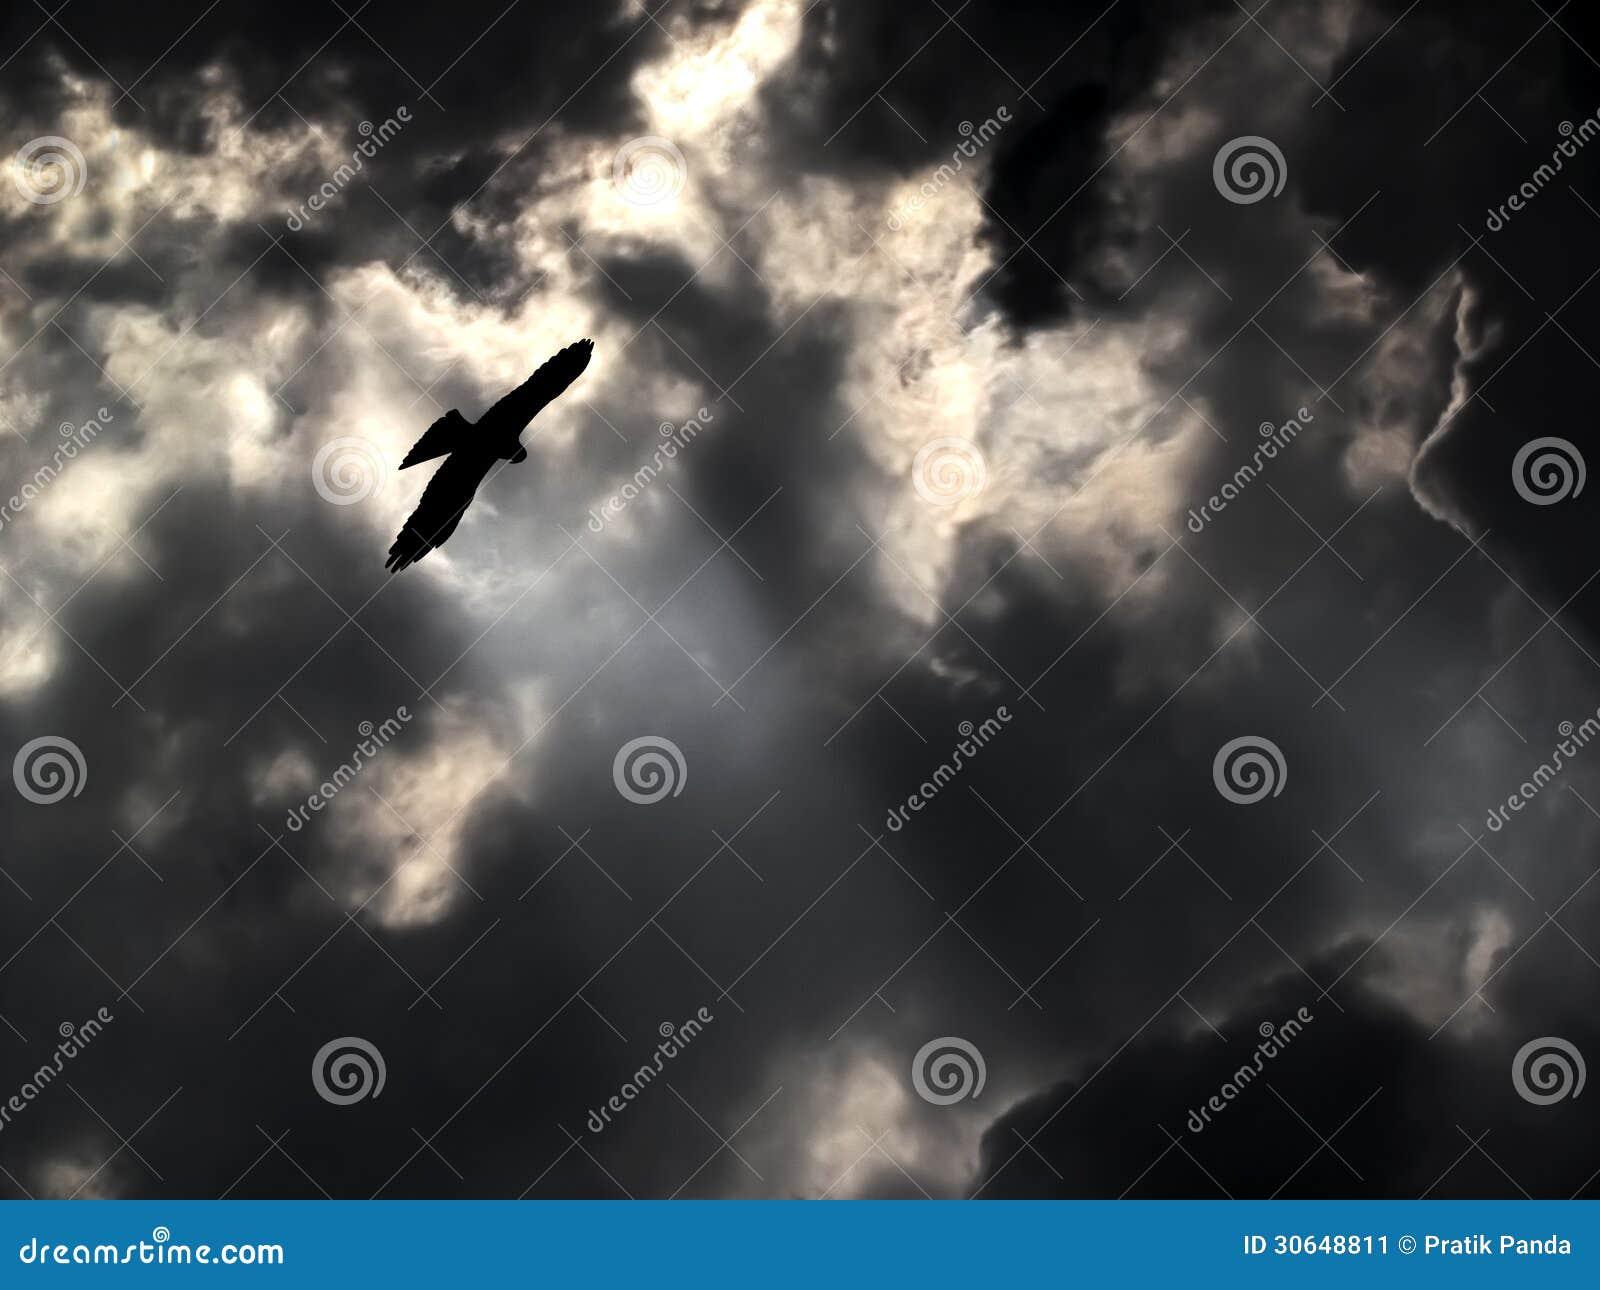 Het majestueuze vliegen van Eagle stormachtig hemelweer